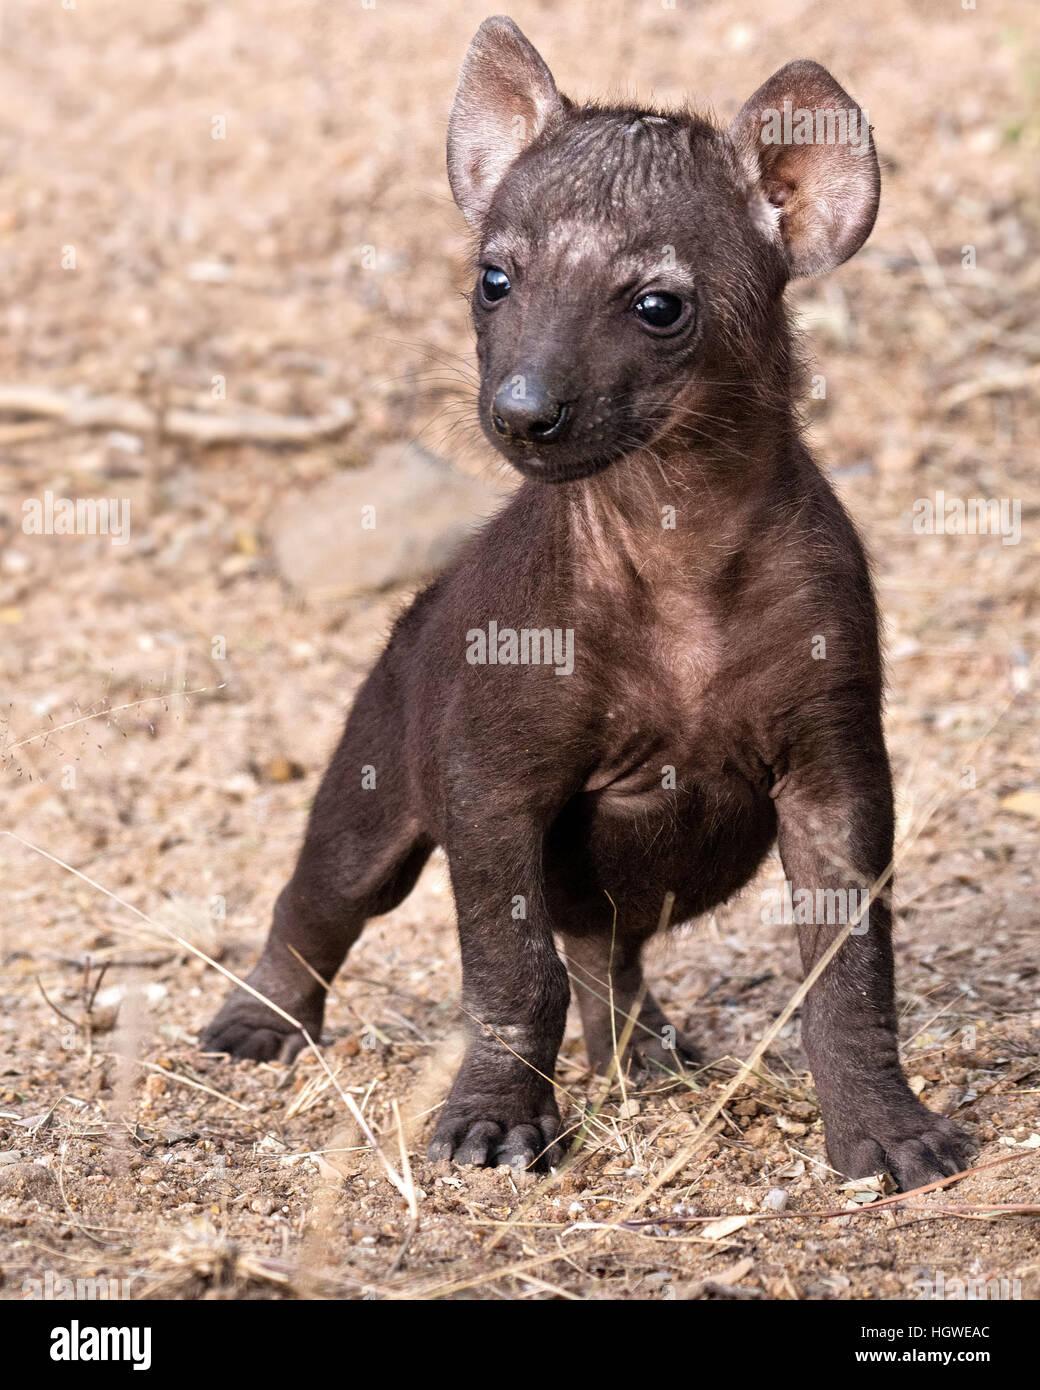 Unico iena cub in piedi e guardando avviso in Mantobeni, Sud Africa Immagini Stock